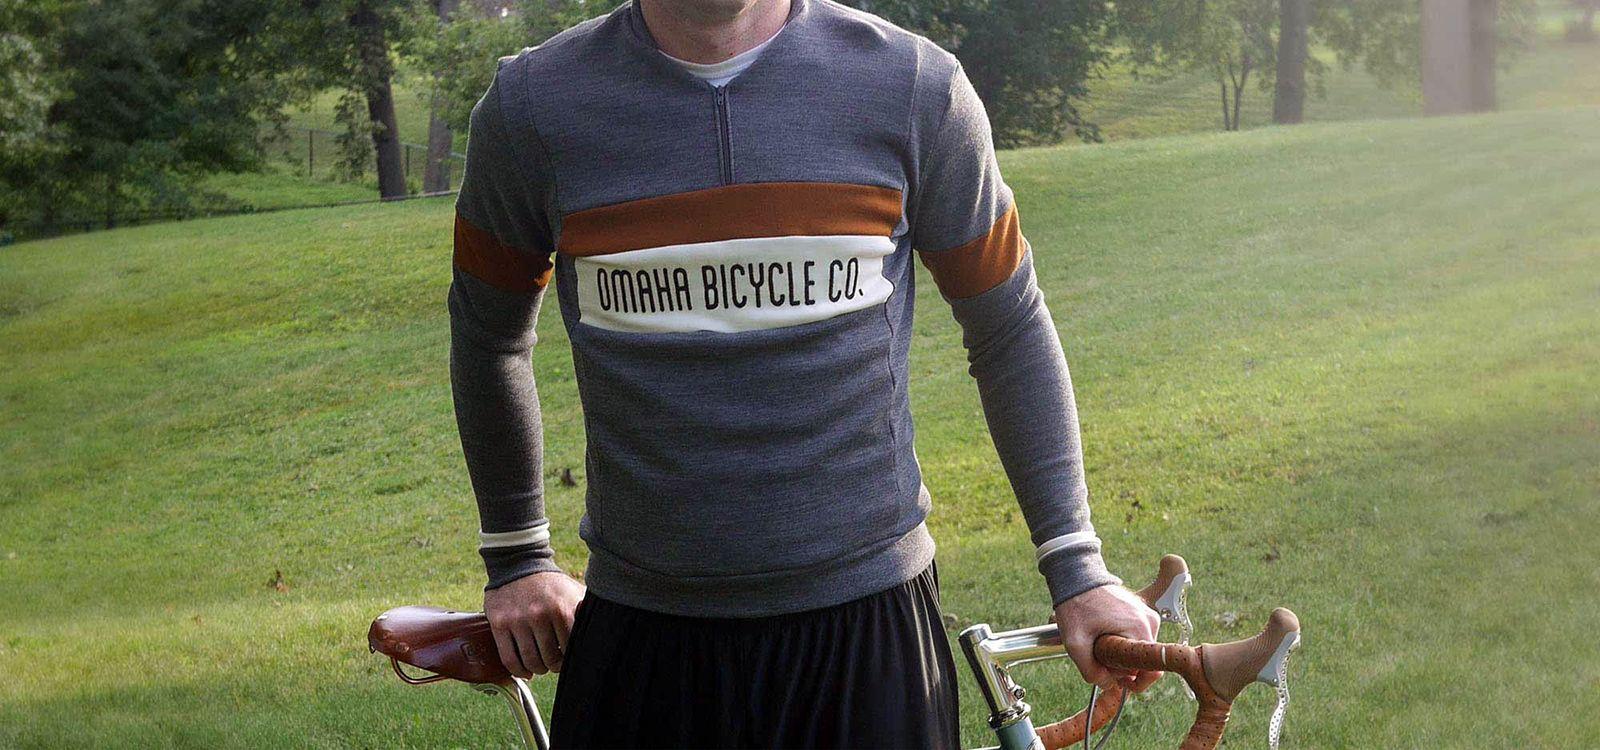 Vêtements cyclisme vintage - Classical Bicycles